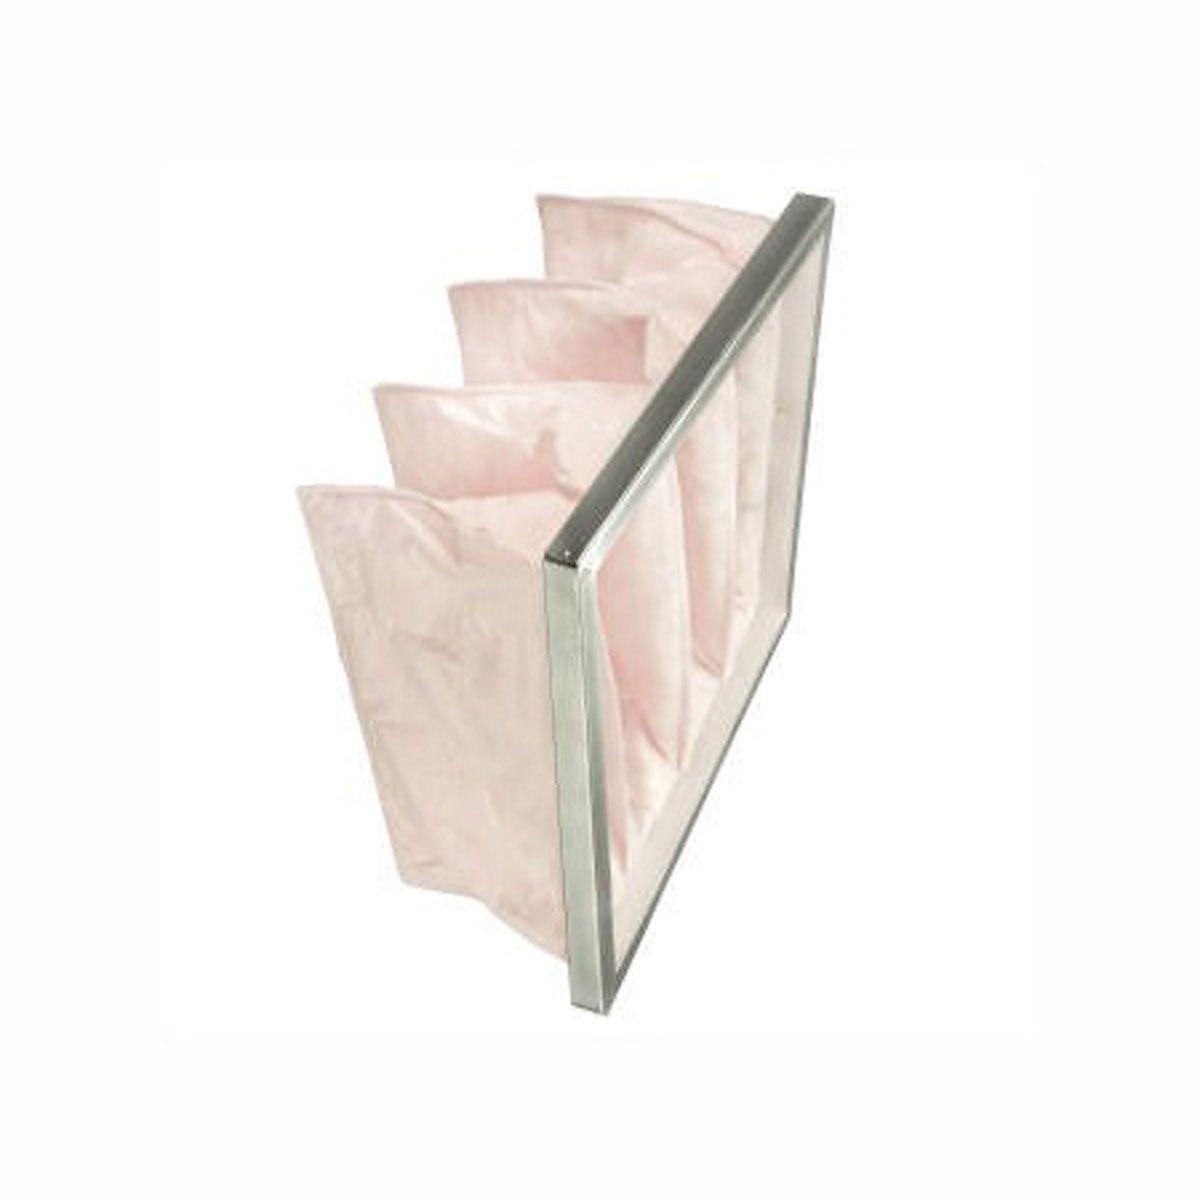 Taschenfilter F7, zu TAC 1500/TAC 1500 S, weiss, 287 x 287 x 200 mm